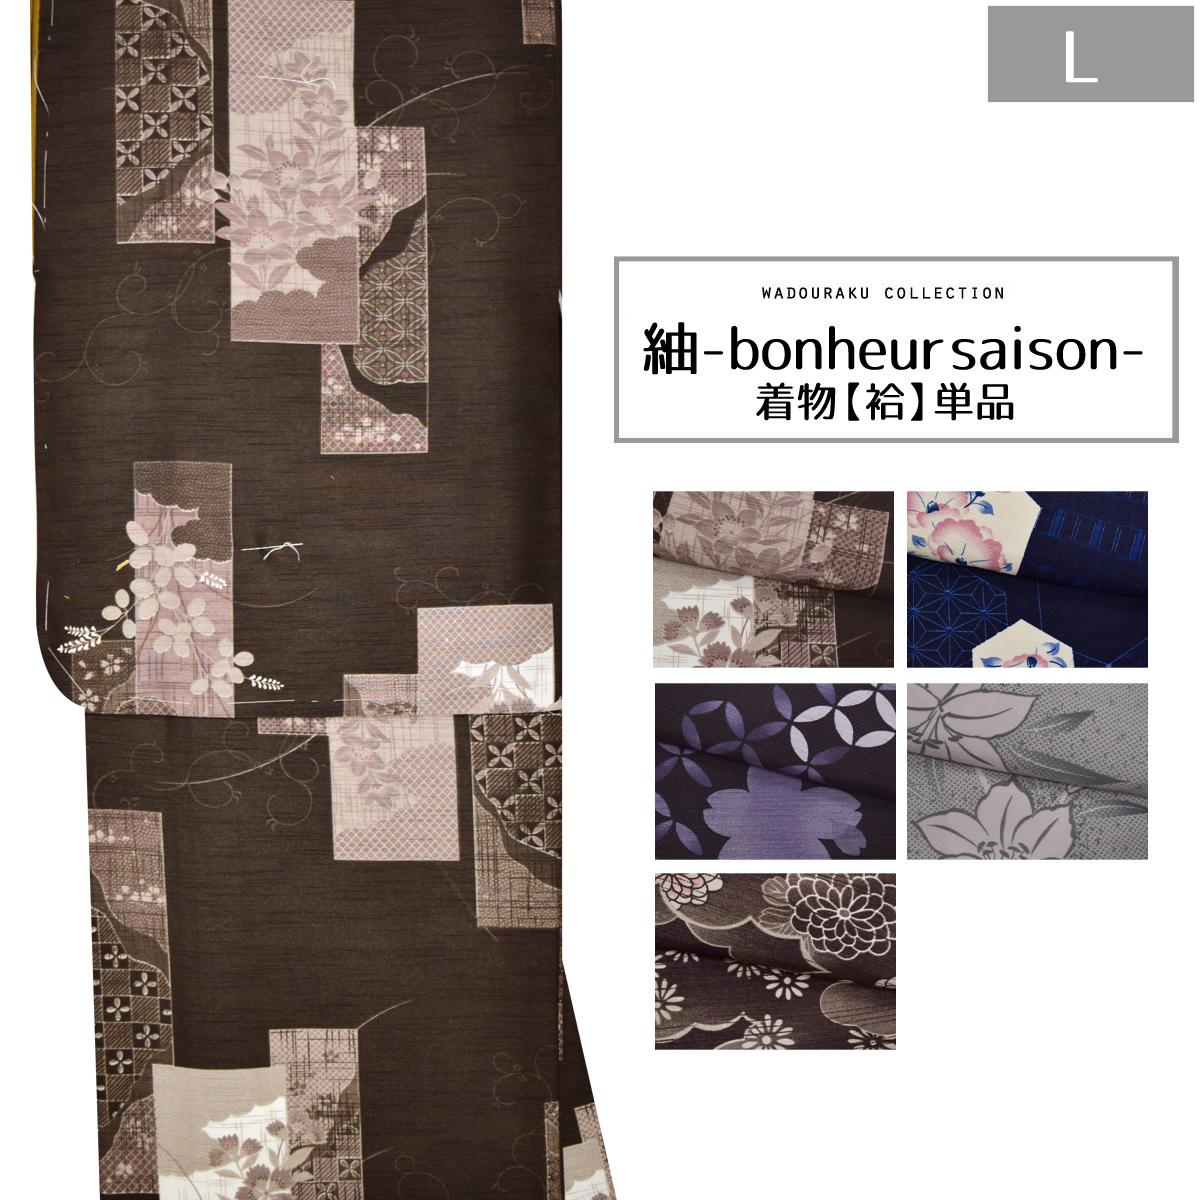 【紬-bonheursaison-】選べる 洗える着物 袷 単品 Lサイズ普段着 お洒落 黒 紫 青番号f1216-204